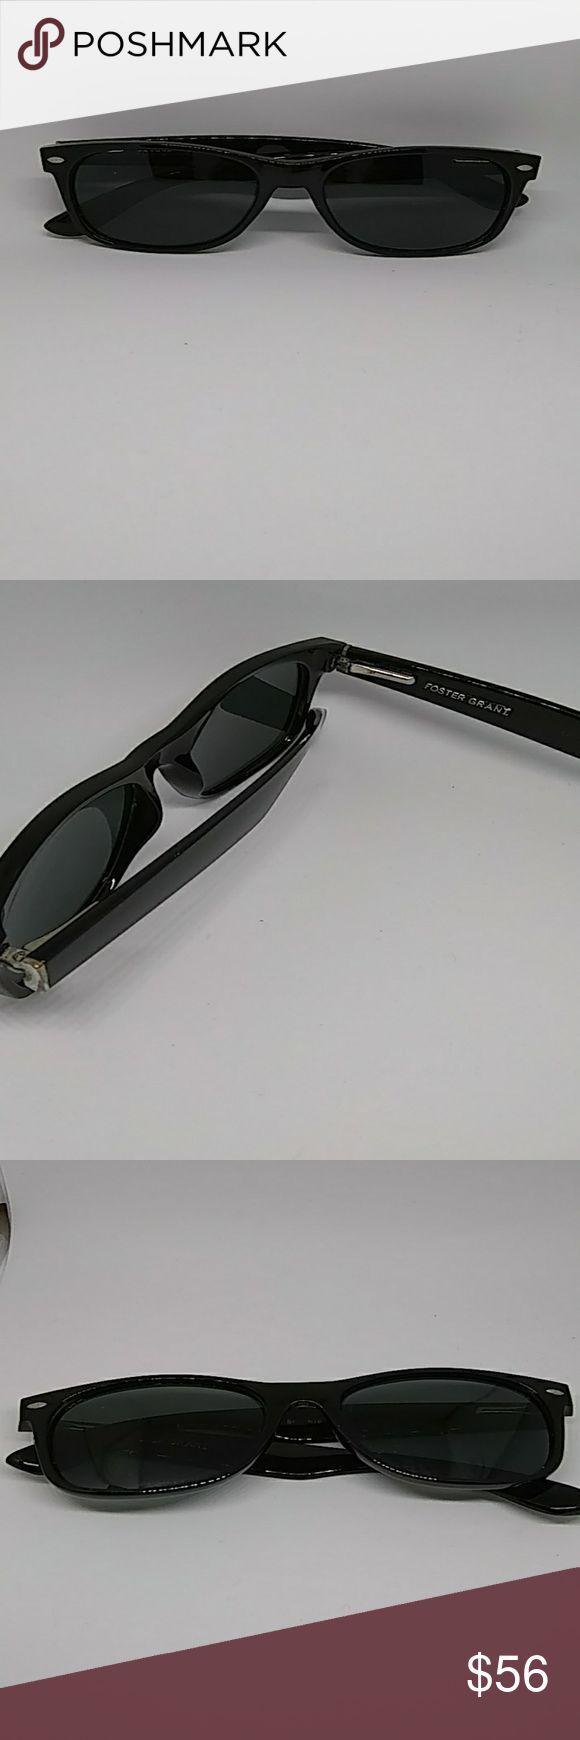 Black foster Grant sunglasses Black Foster Grant sunglasses Foster Grant Accessories Sunglasses